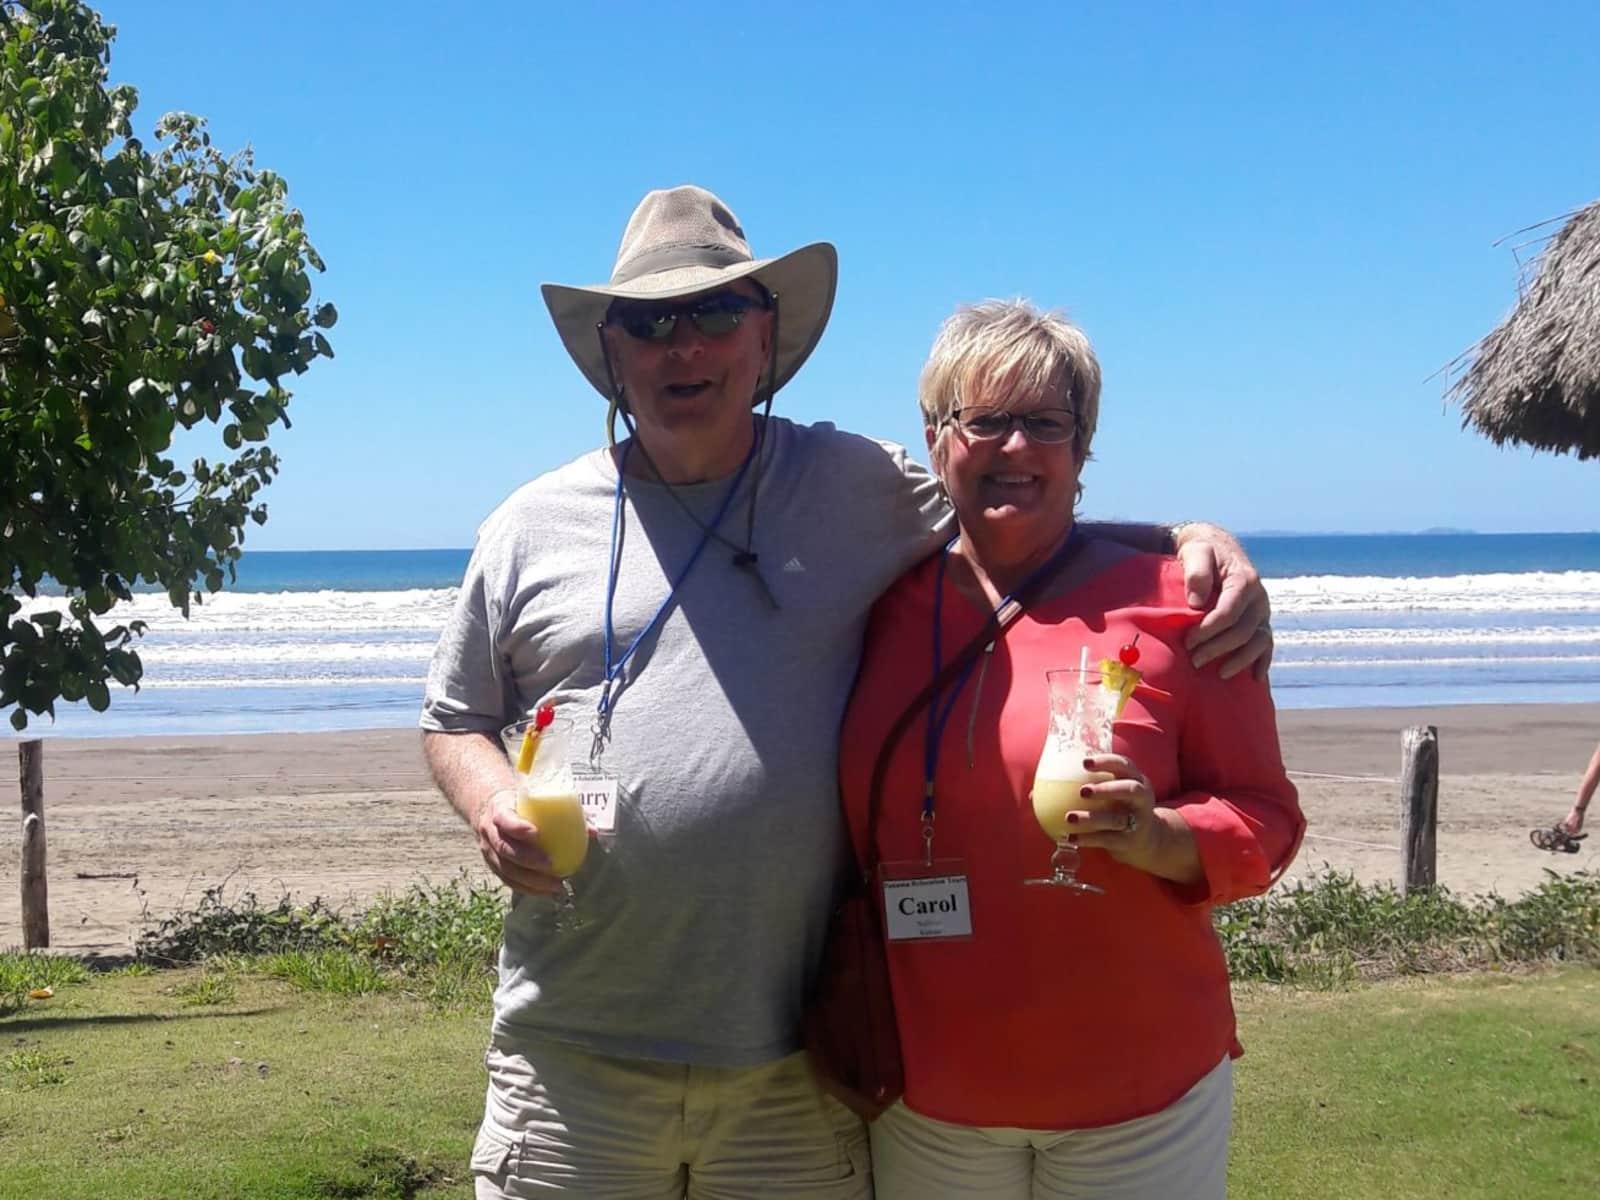 Larry & Carol from Panamá, Panama